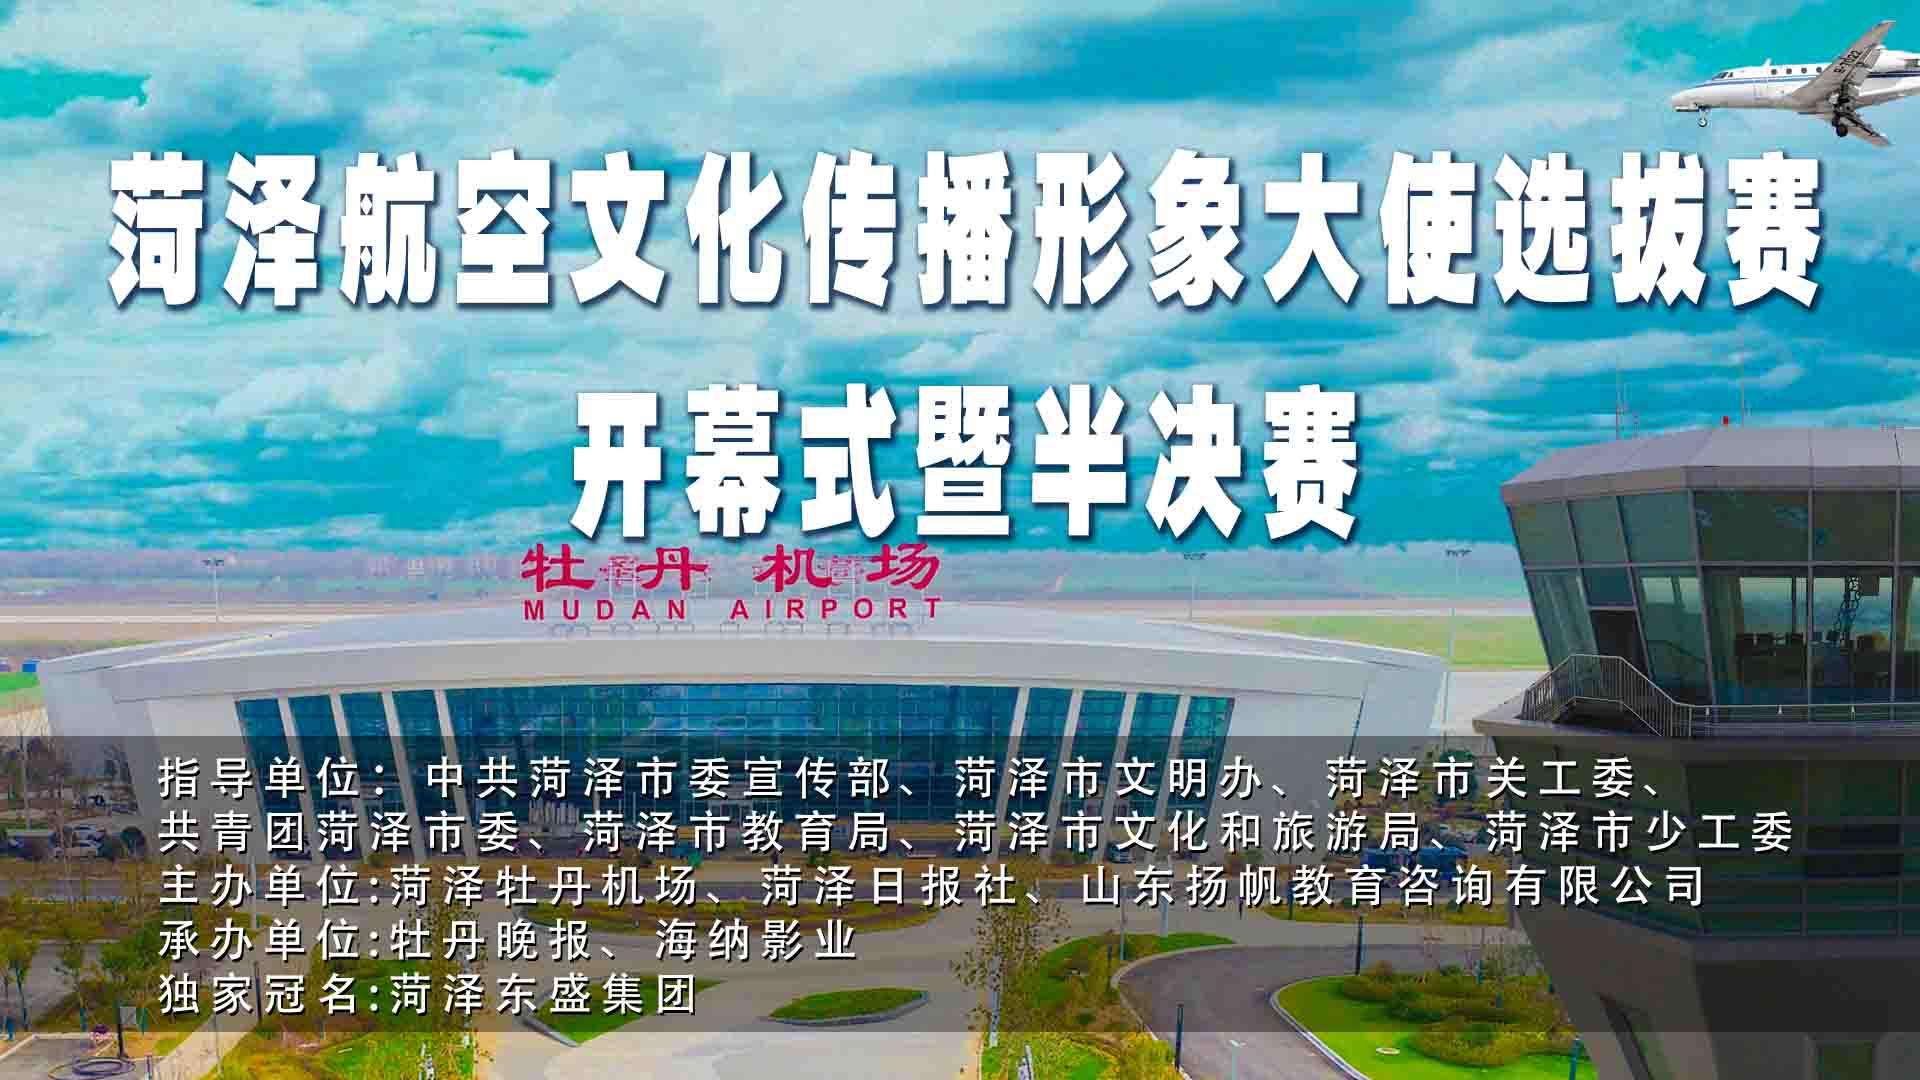 【直播】菏泽航空文化传播形象大使选拔赛开幕式暨半决赛(第一场